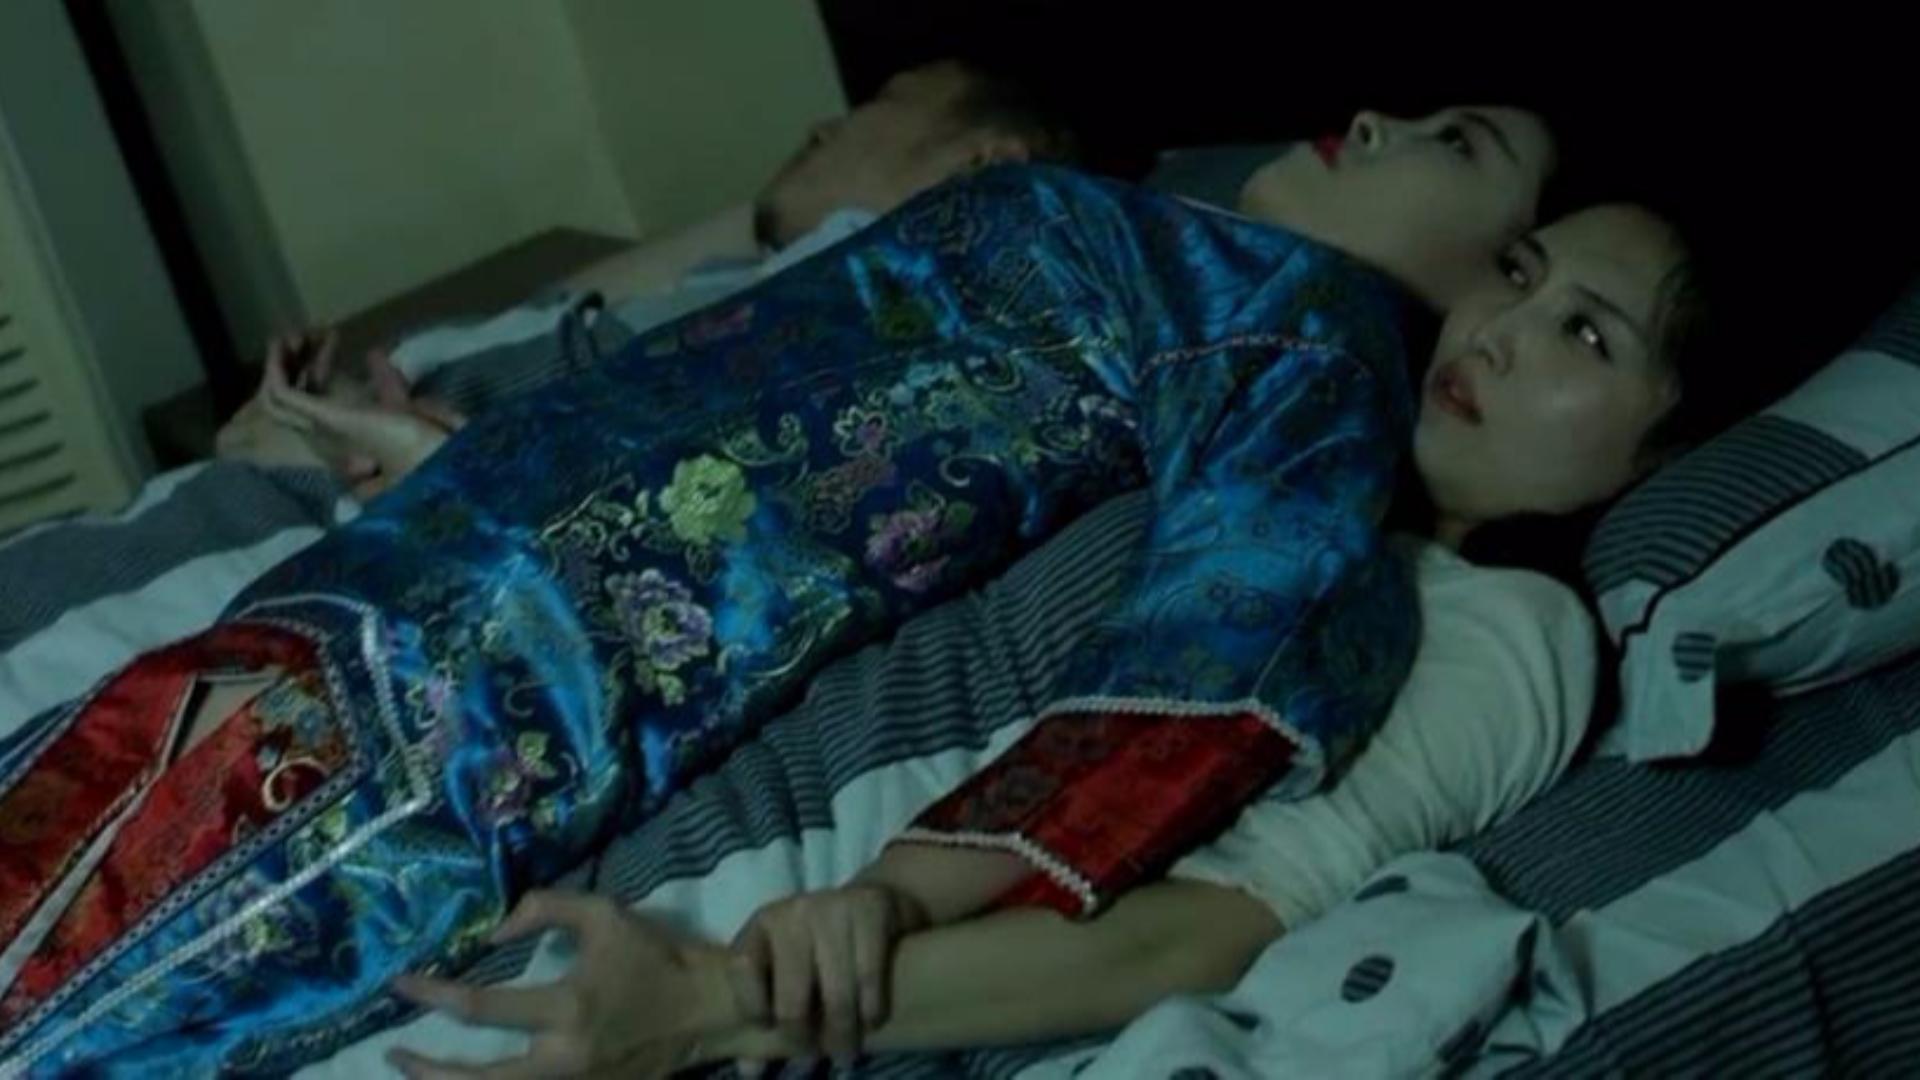 女孩正在睡觉,忽然感觉身体很重,睁开眼,一个清朝女鬼压在身上